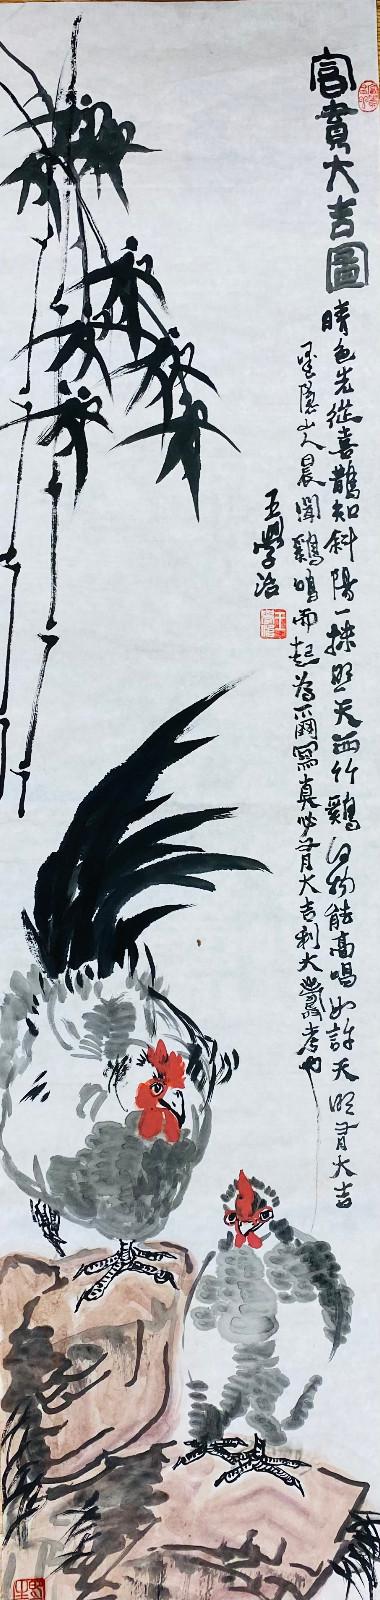 东方之笔2_图1-31